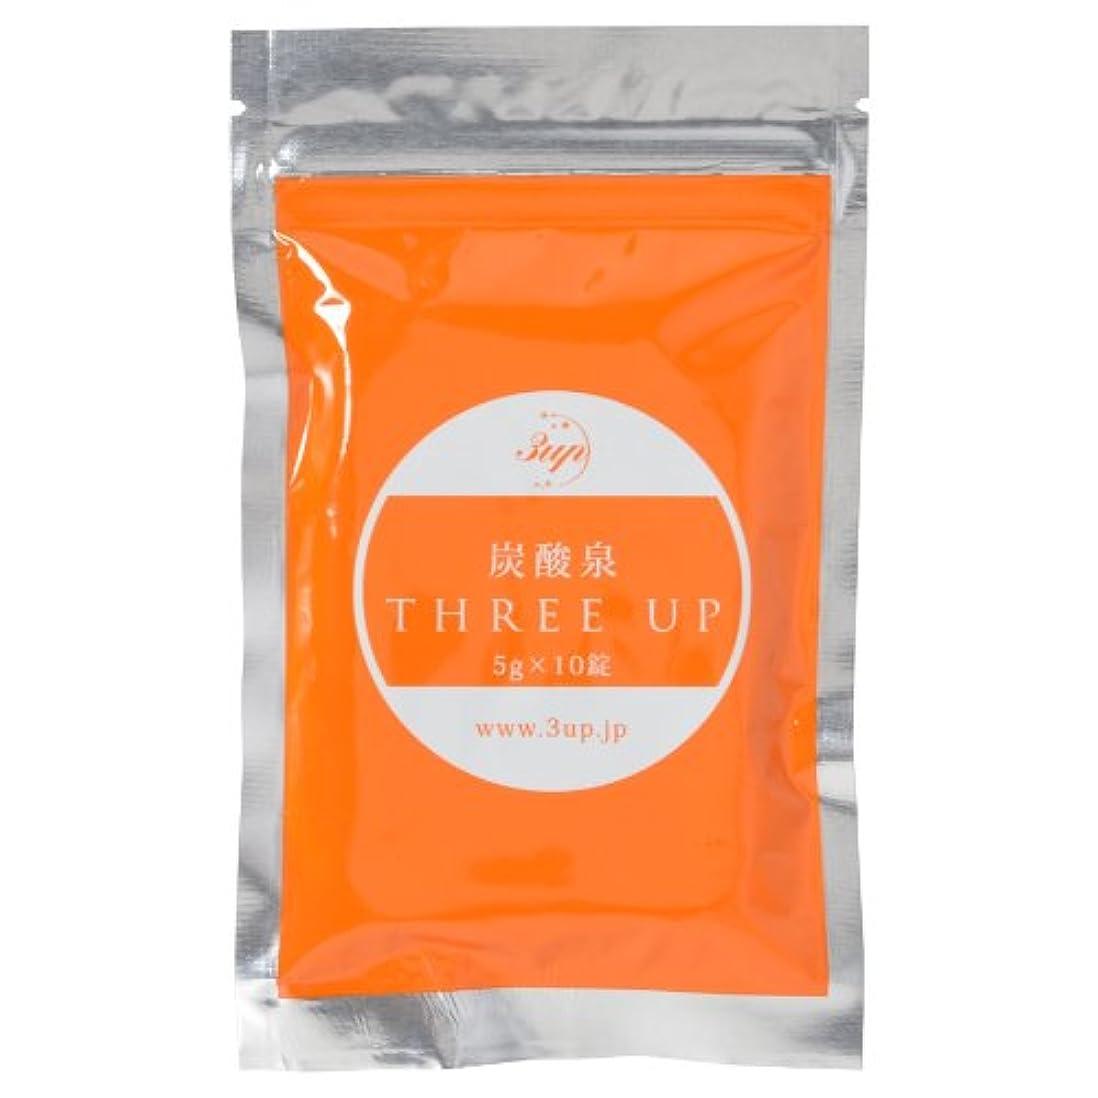 中性バドミントン免疫3upスリーアップ 重炭酸イオンタブレット(洗顔用) 1袋:5g×10錠